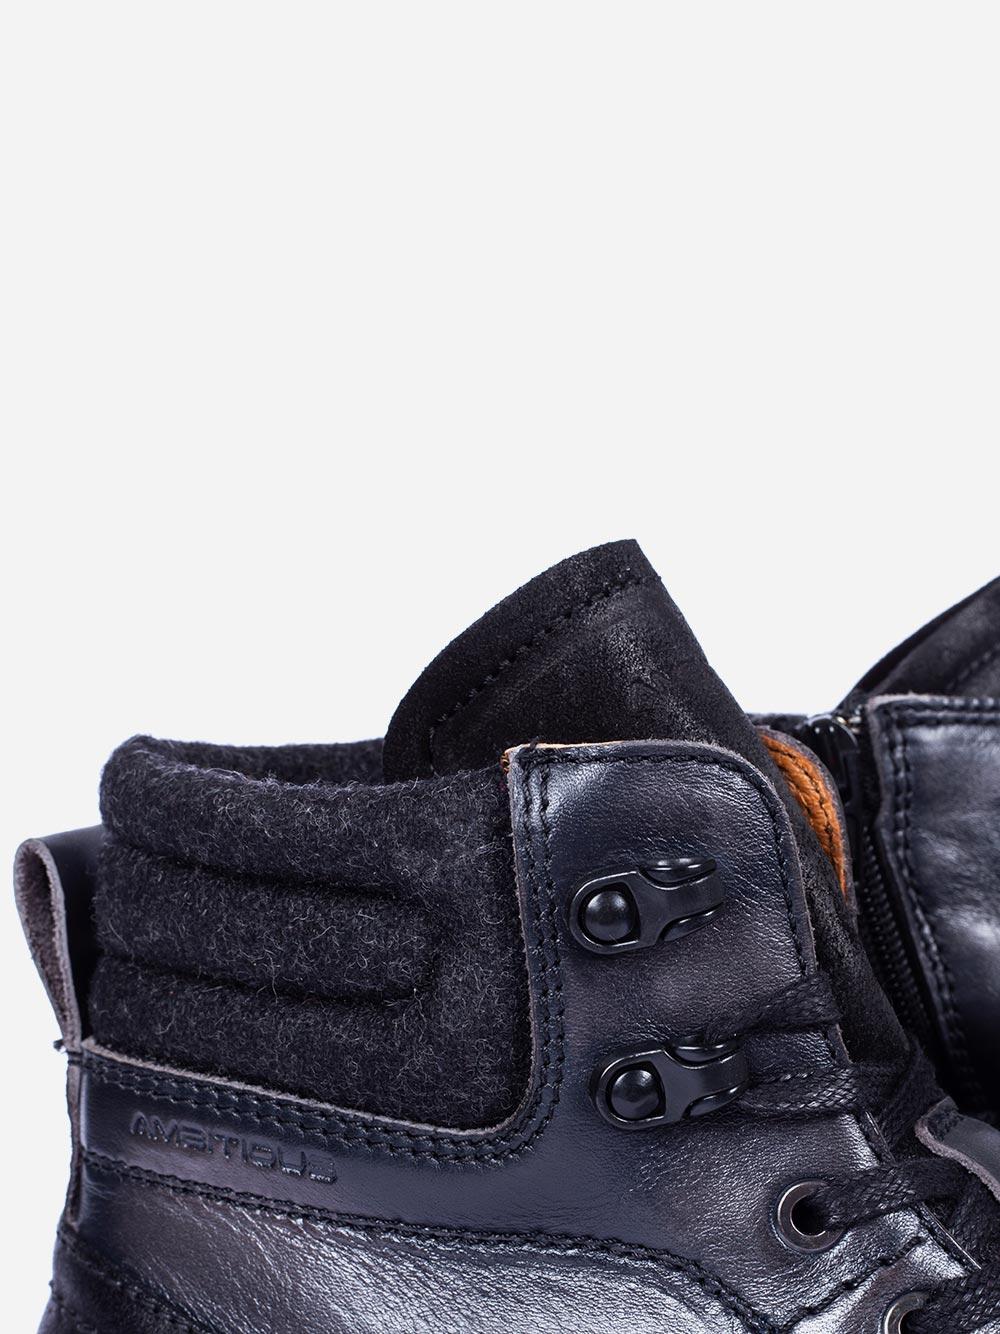 Dark Grey Boots